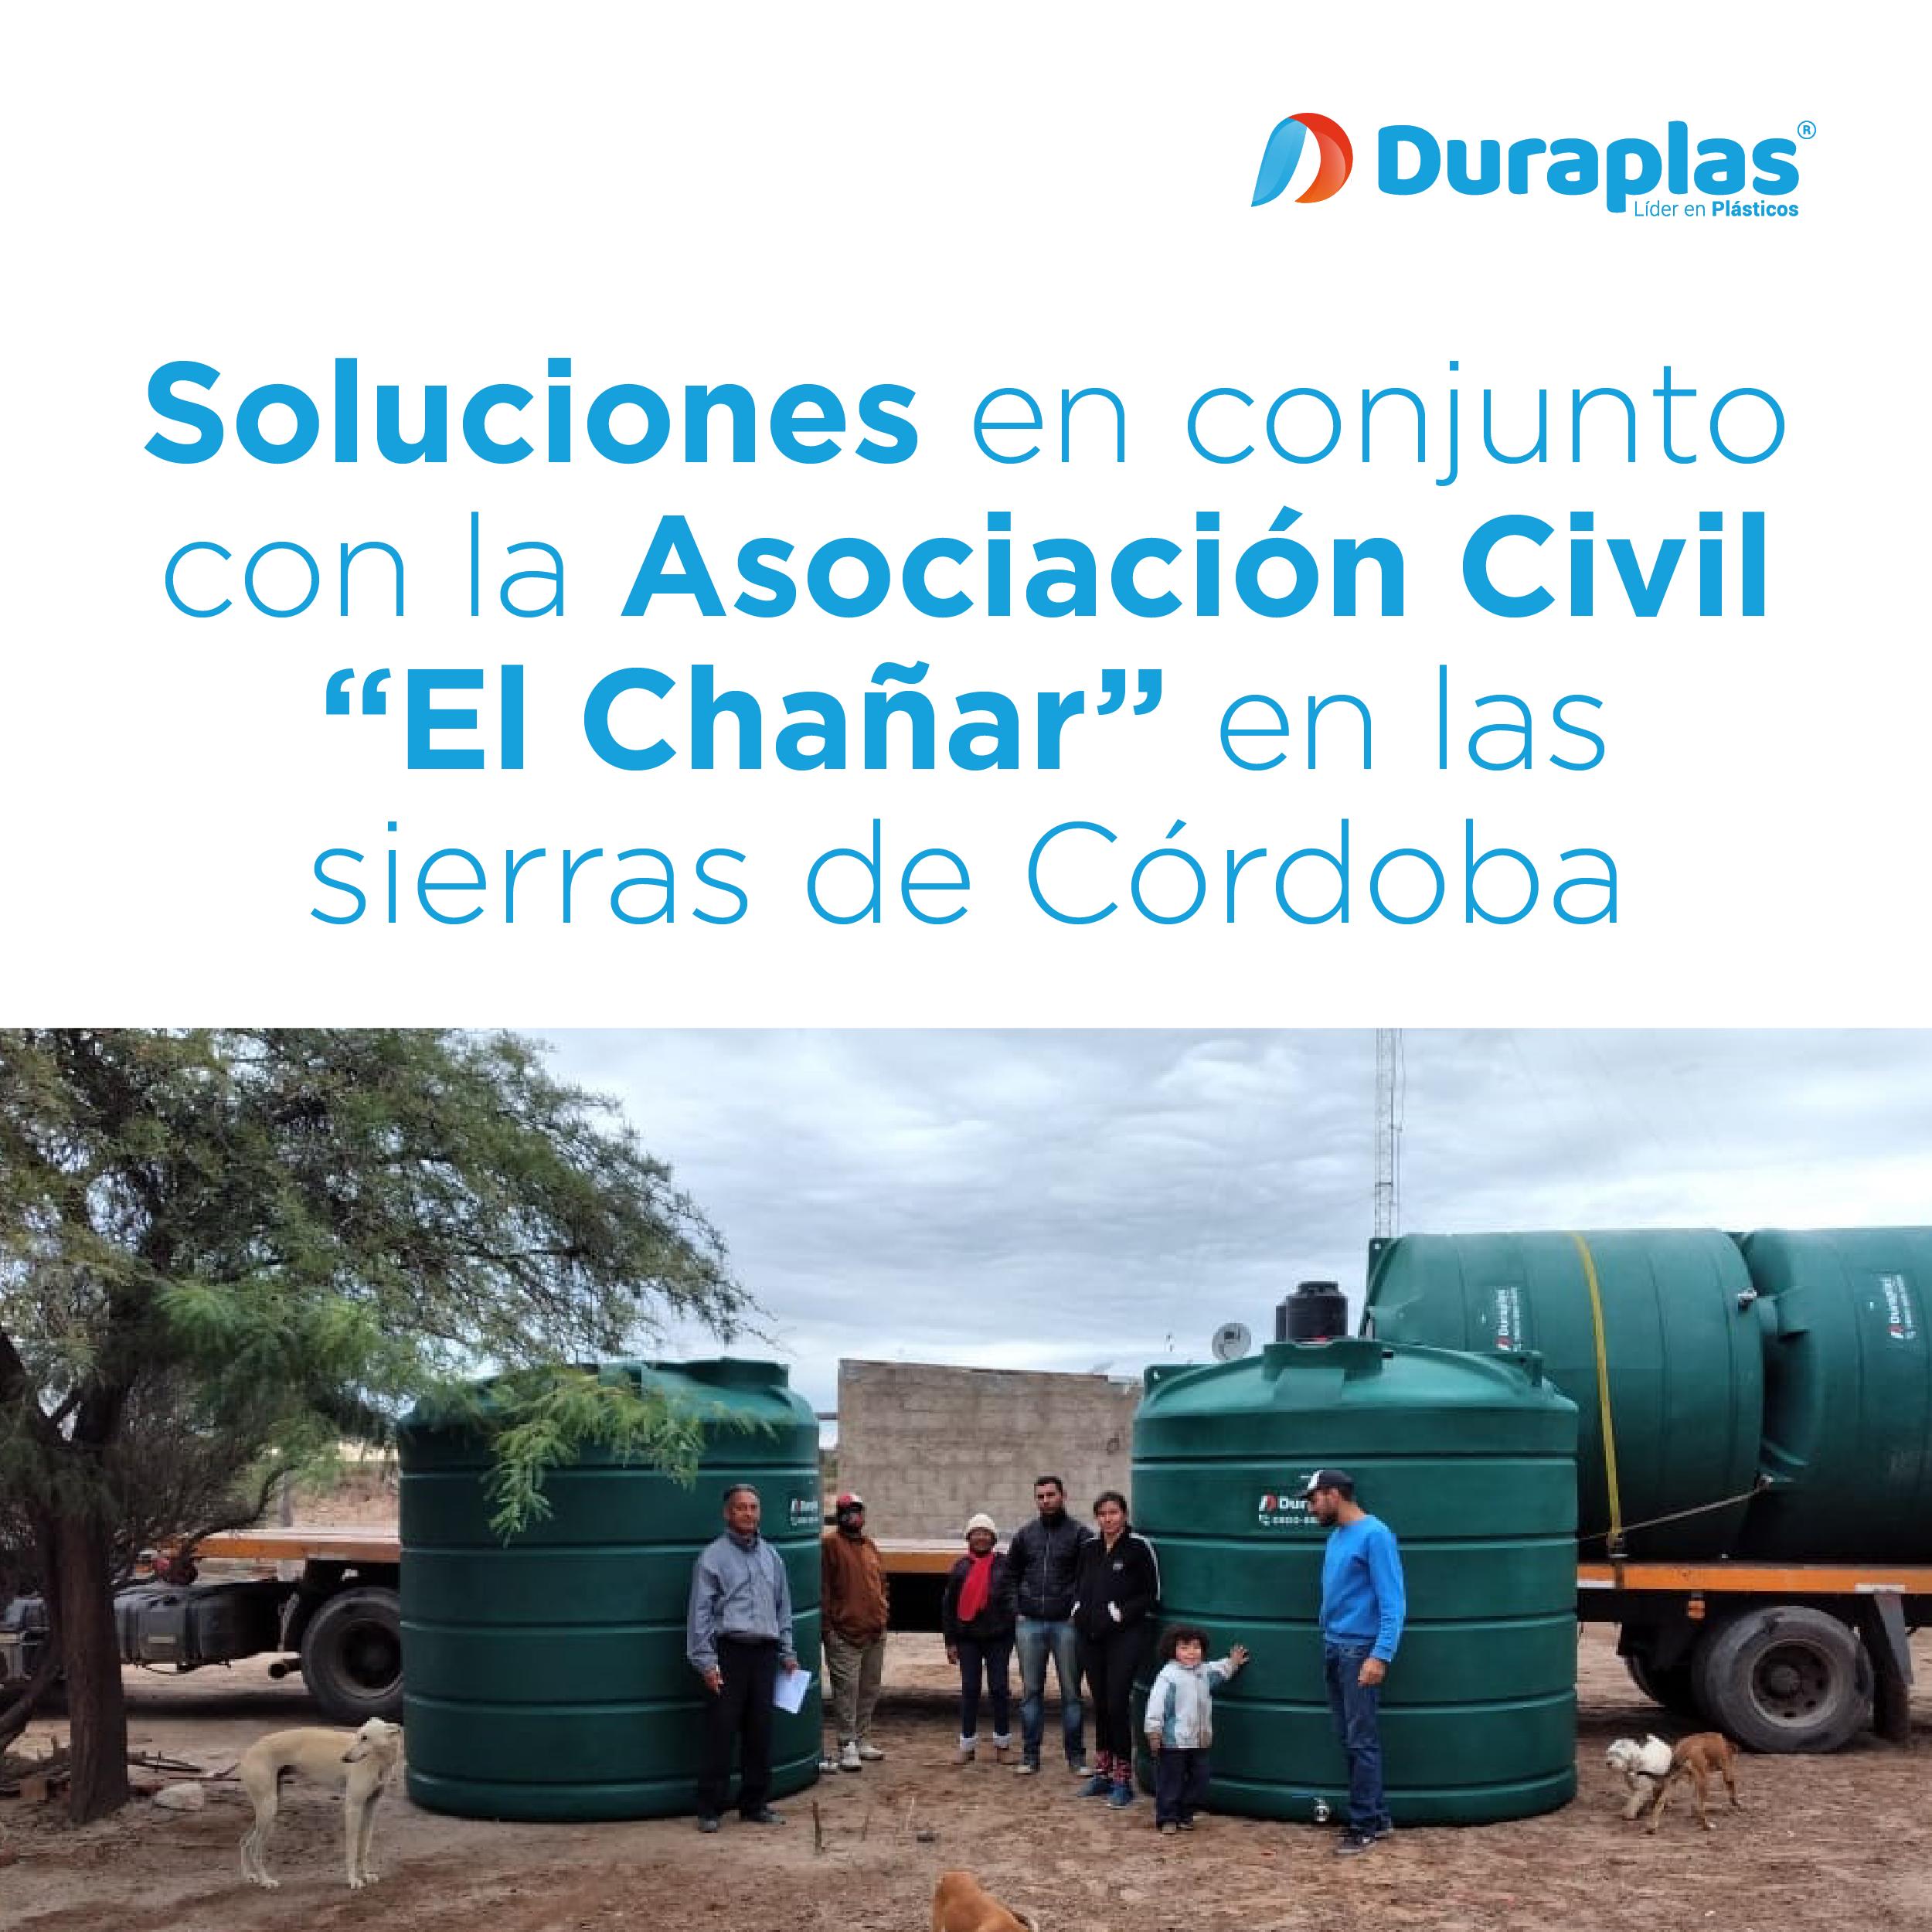 Soluciones para comunidades en las Sierras de Cordoba